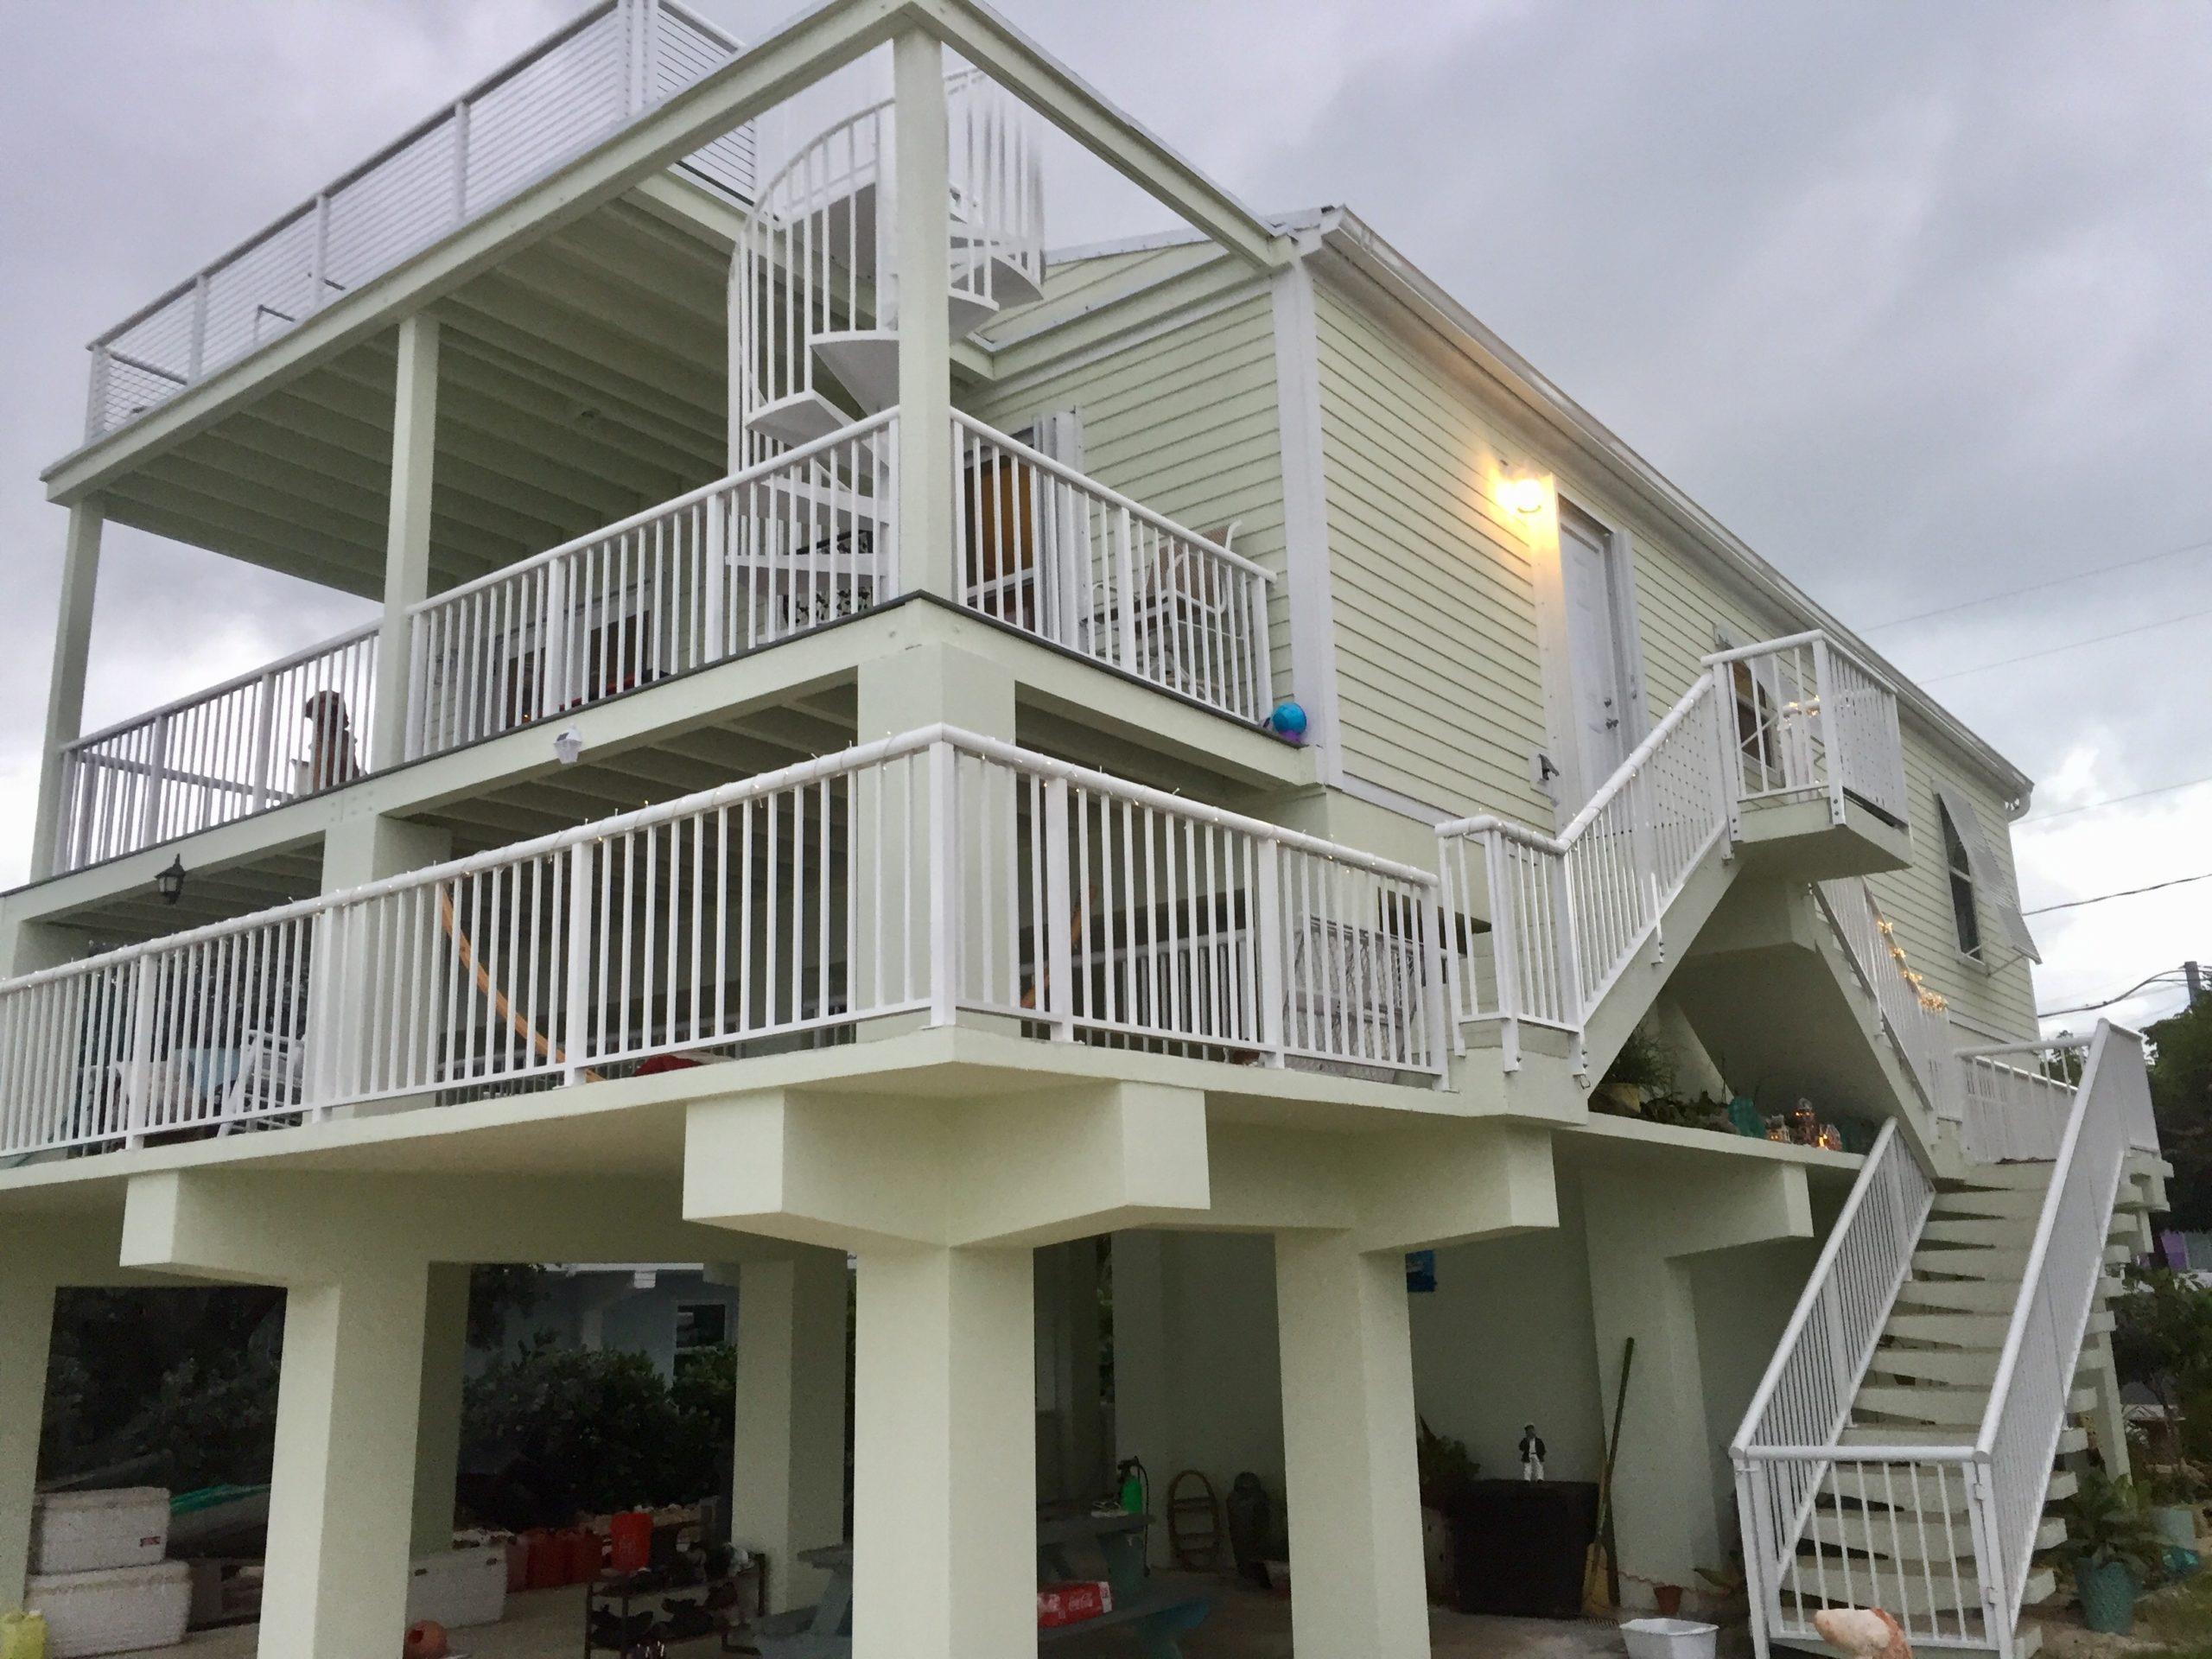 modular home custom stairway